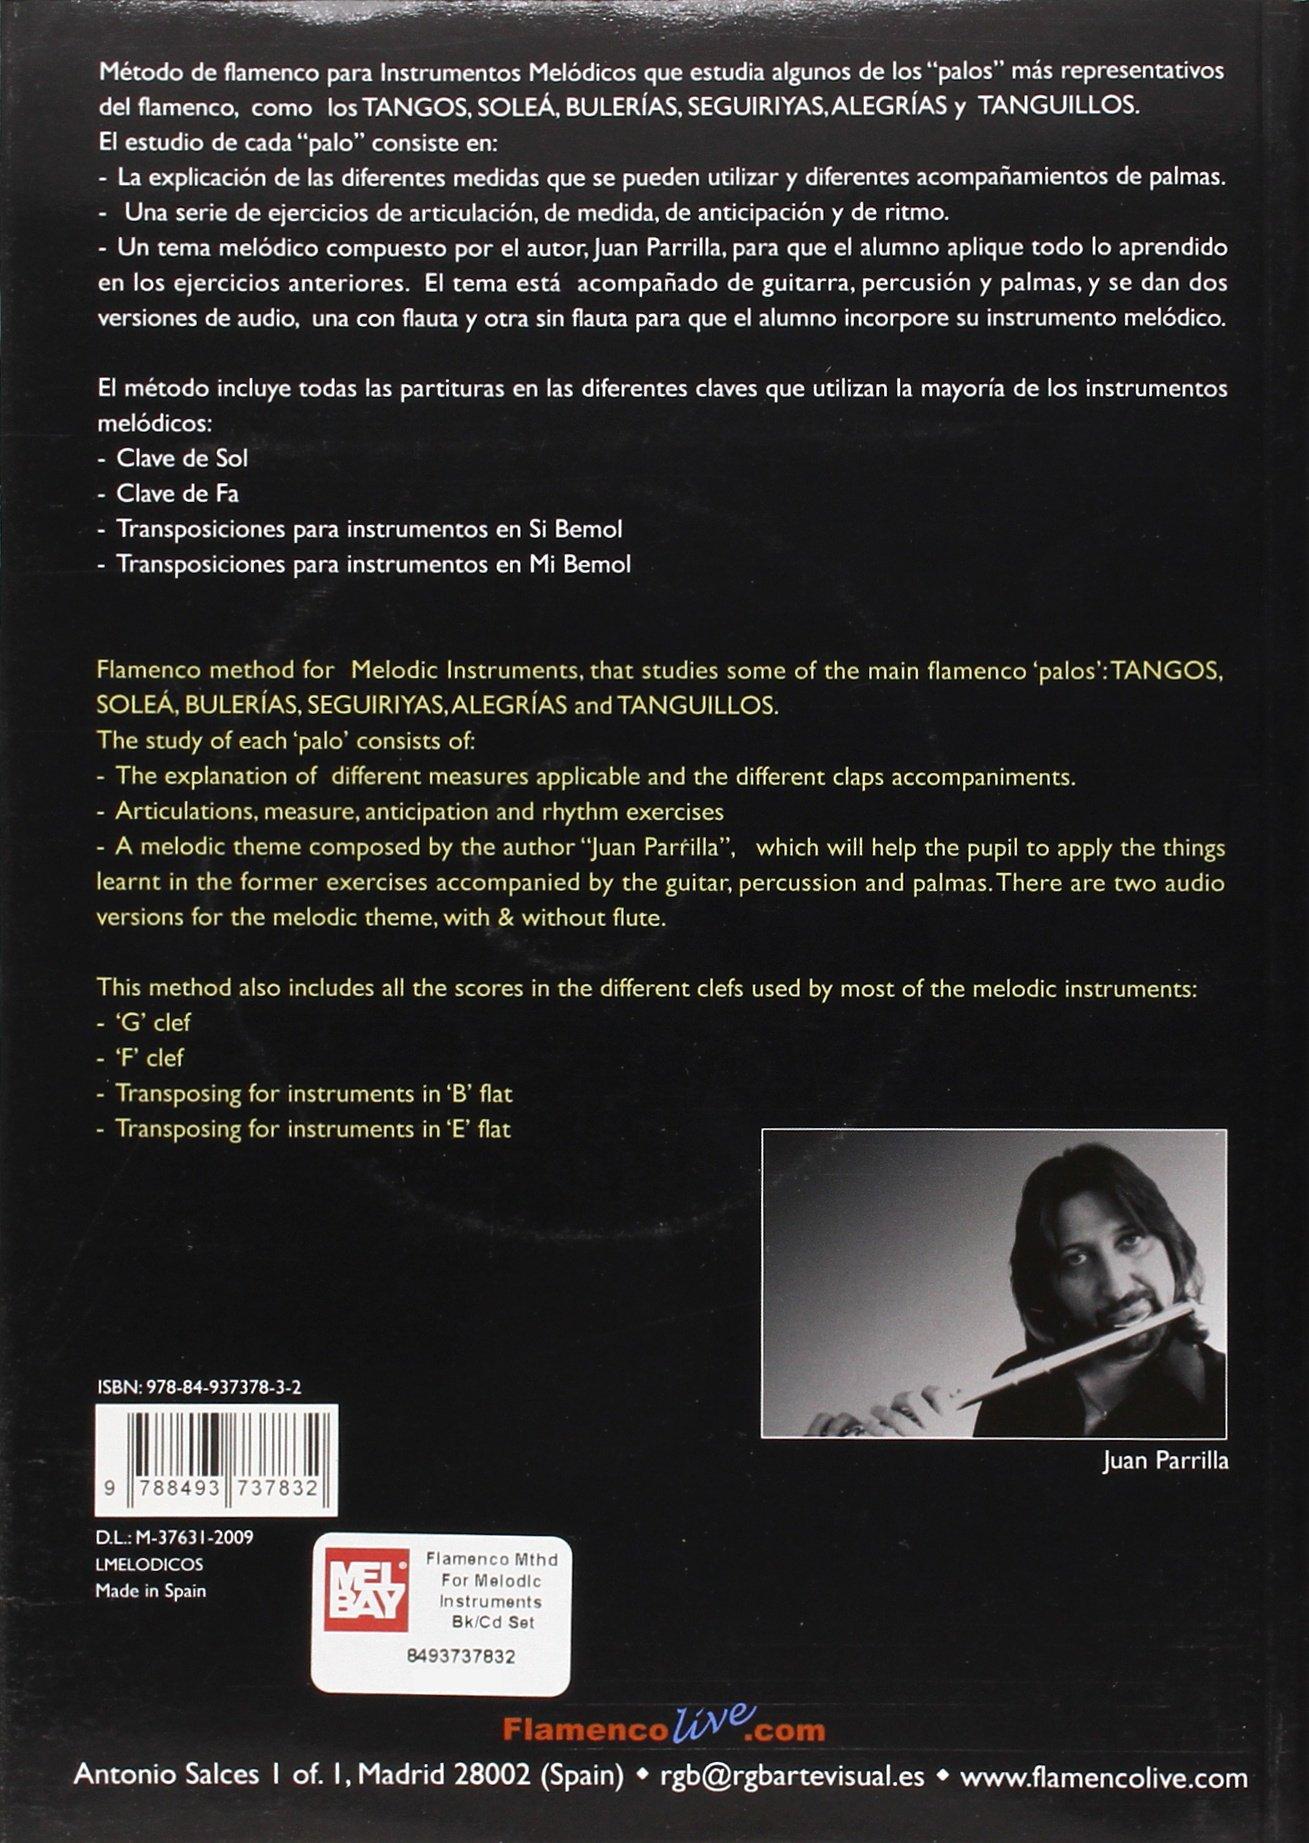 Metodo Flamenco Para Instrumentos Melodicos / Flamenco ...